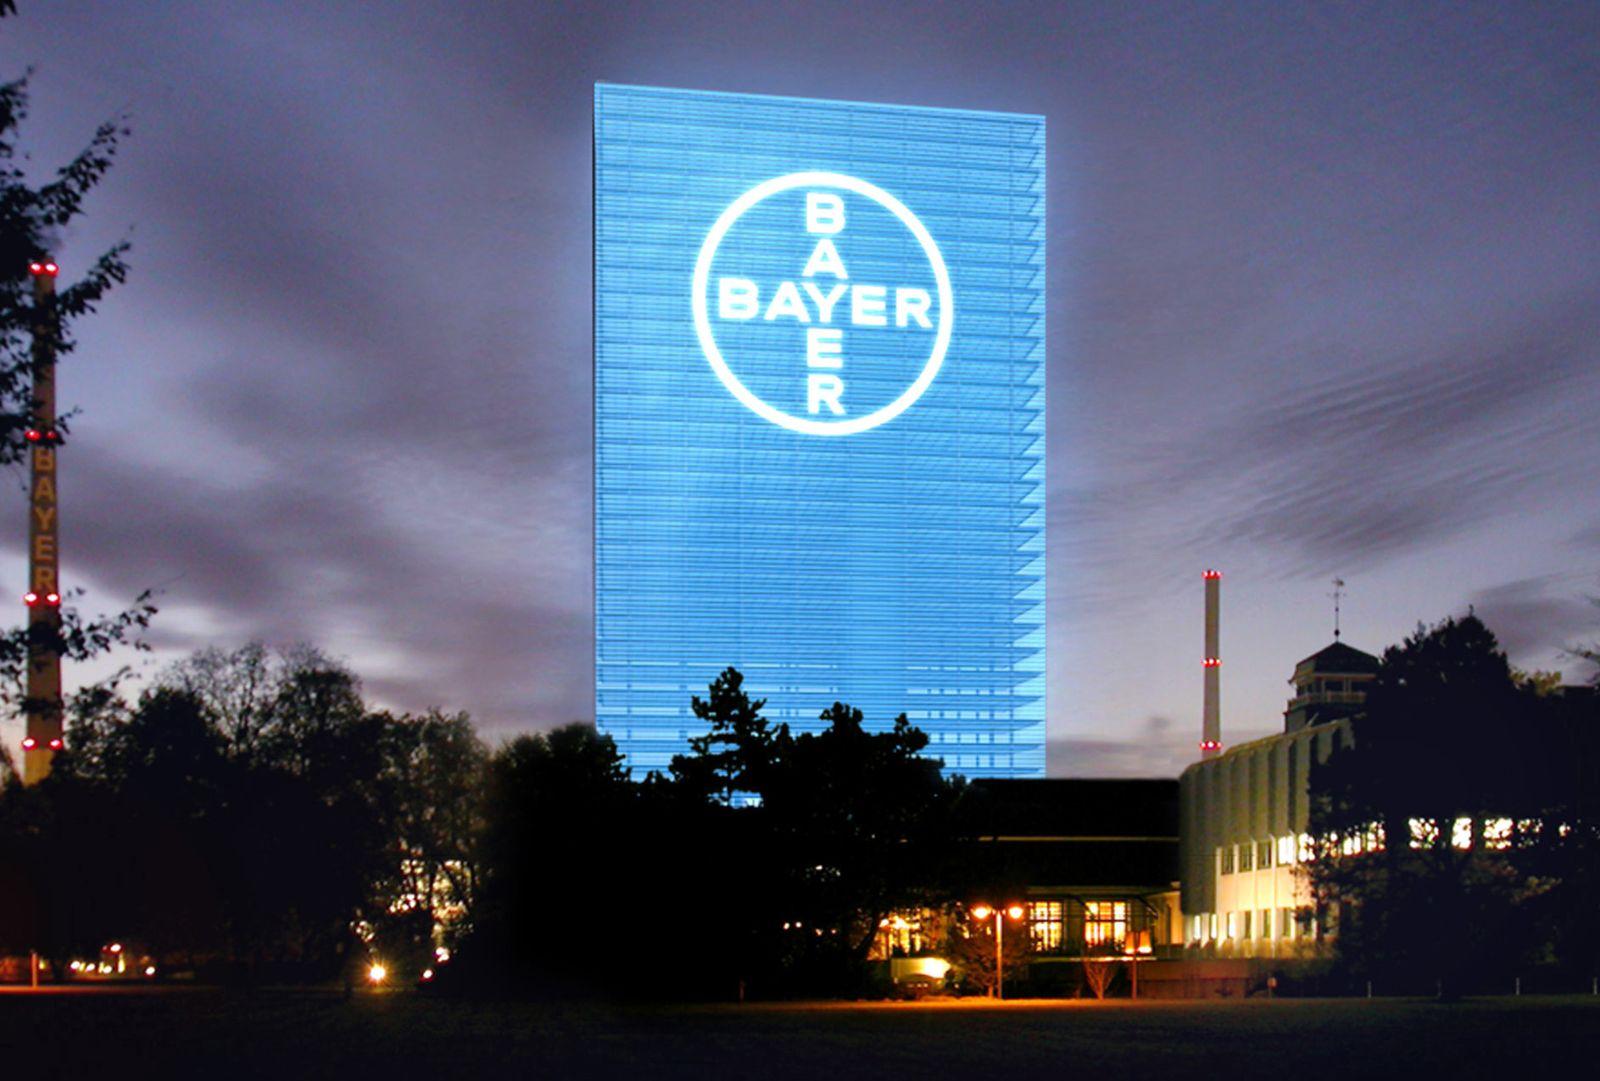 Bayer / Leverkusen / Pharma